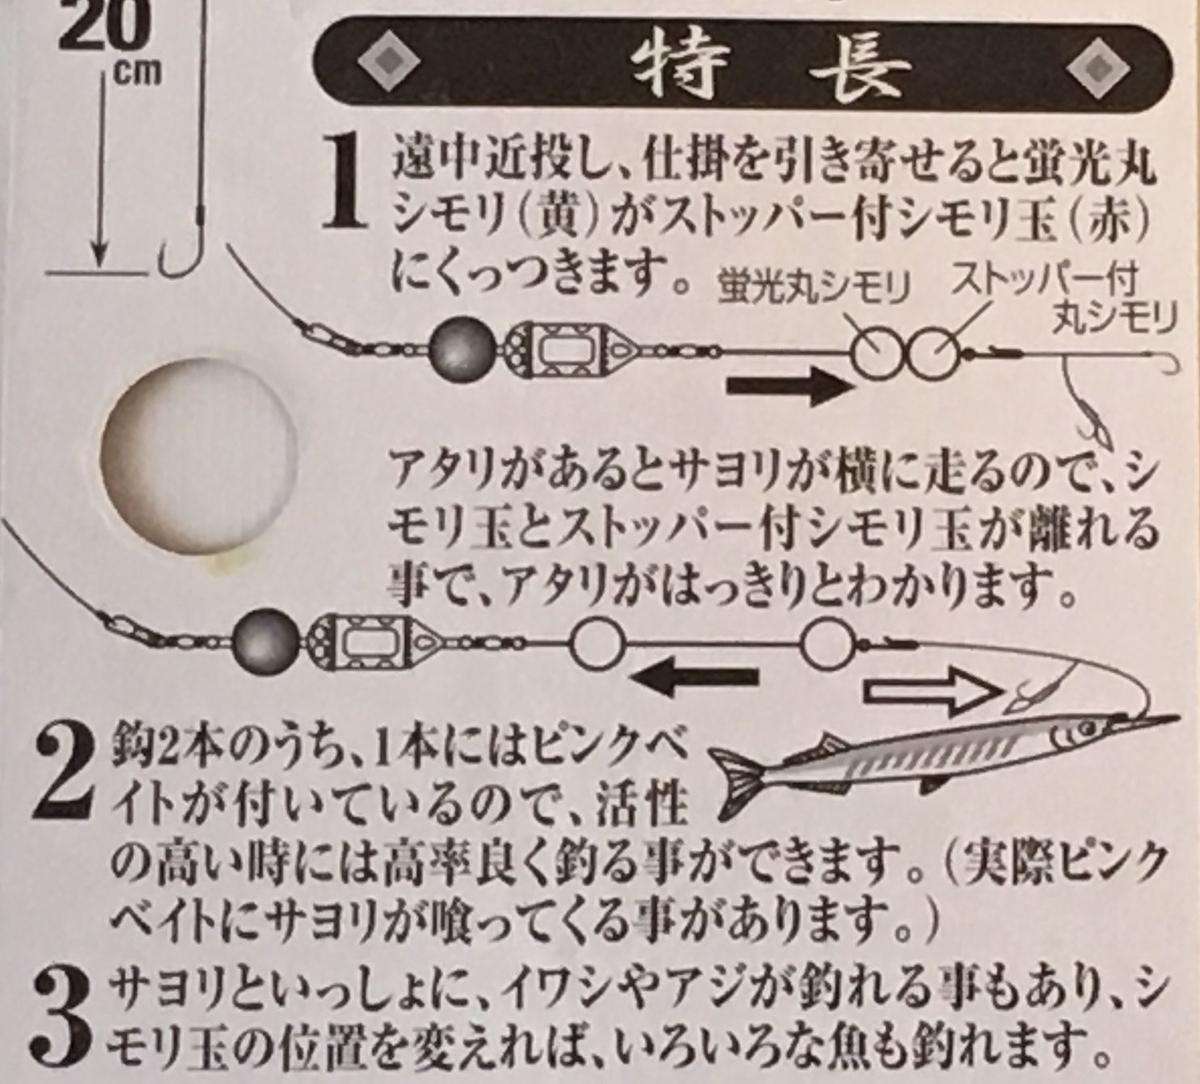 f:id:Shidenkai:20190902160635j:plain